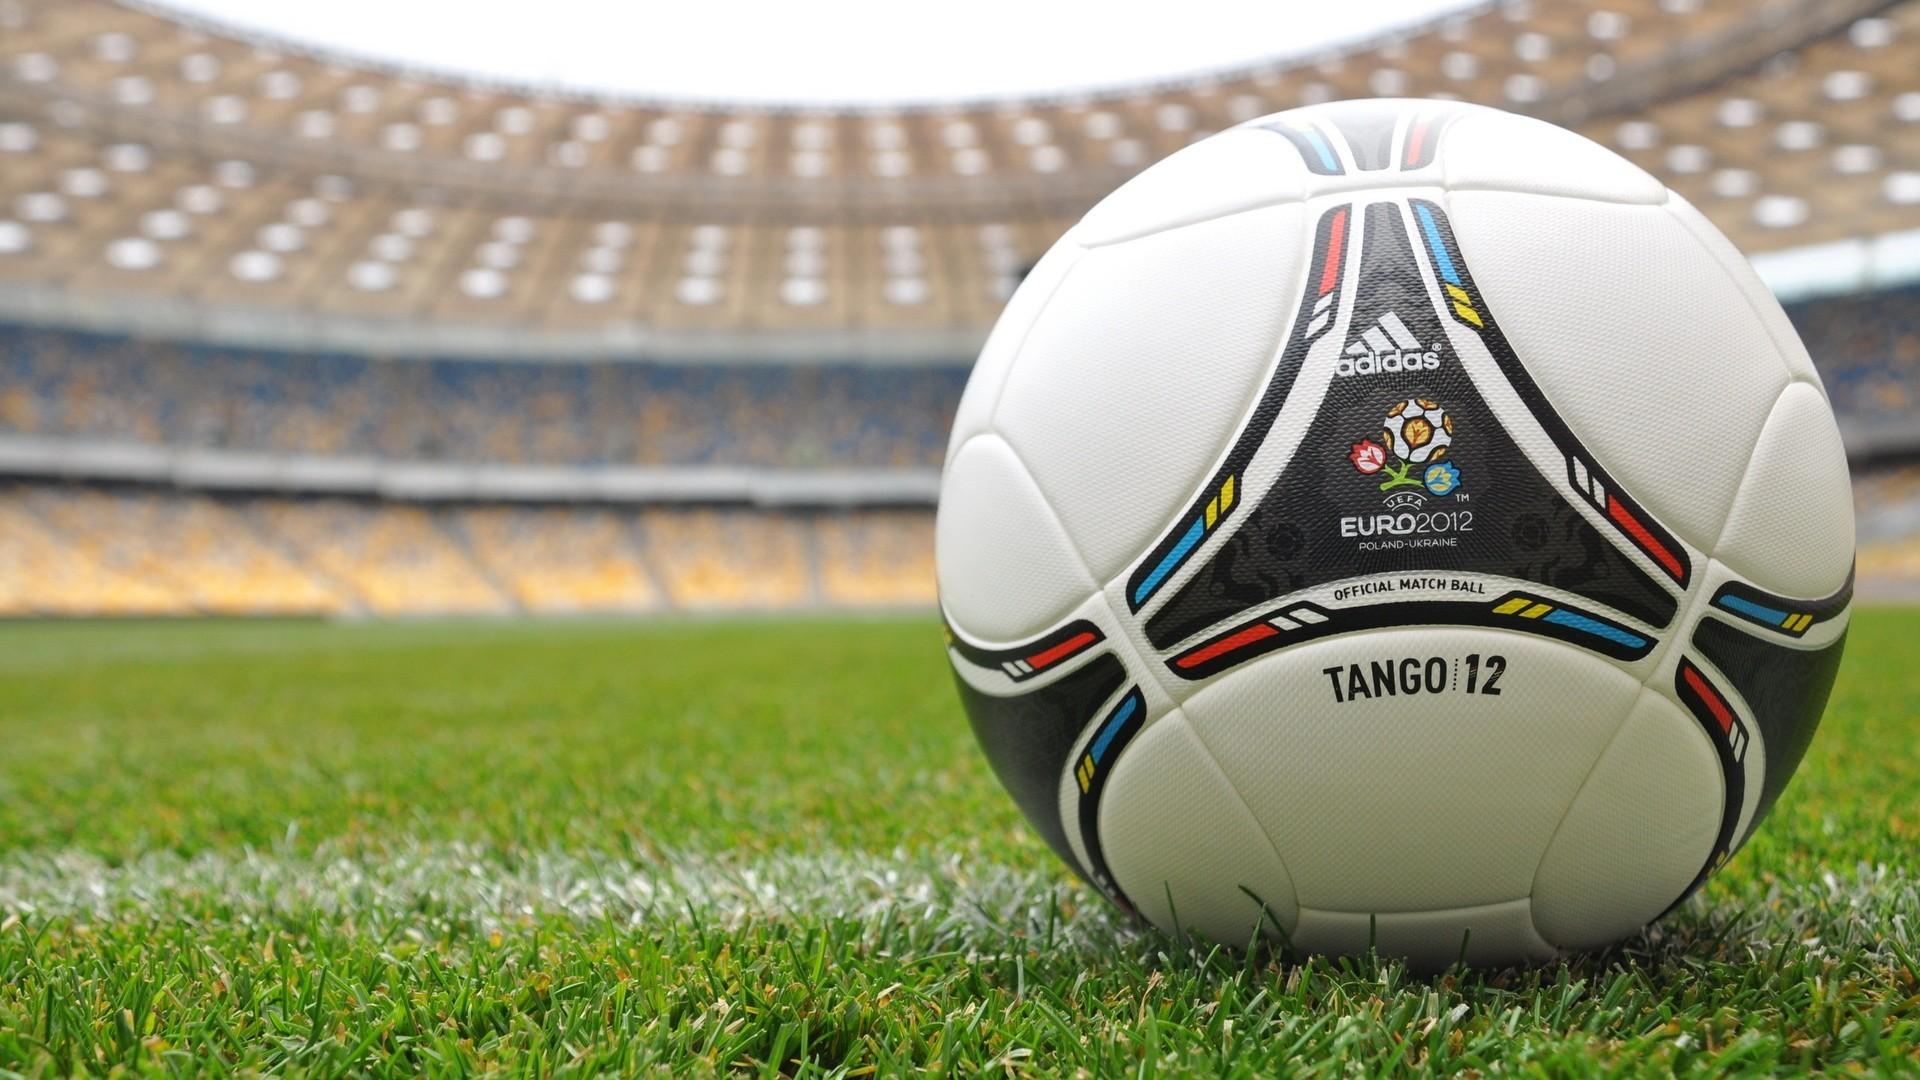 Esportes Adidas futebol estádio Bolas bola Campos de futebol estrutura EURO  2012 futebol jogador jogador de 86aad76cc2fad